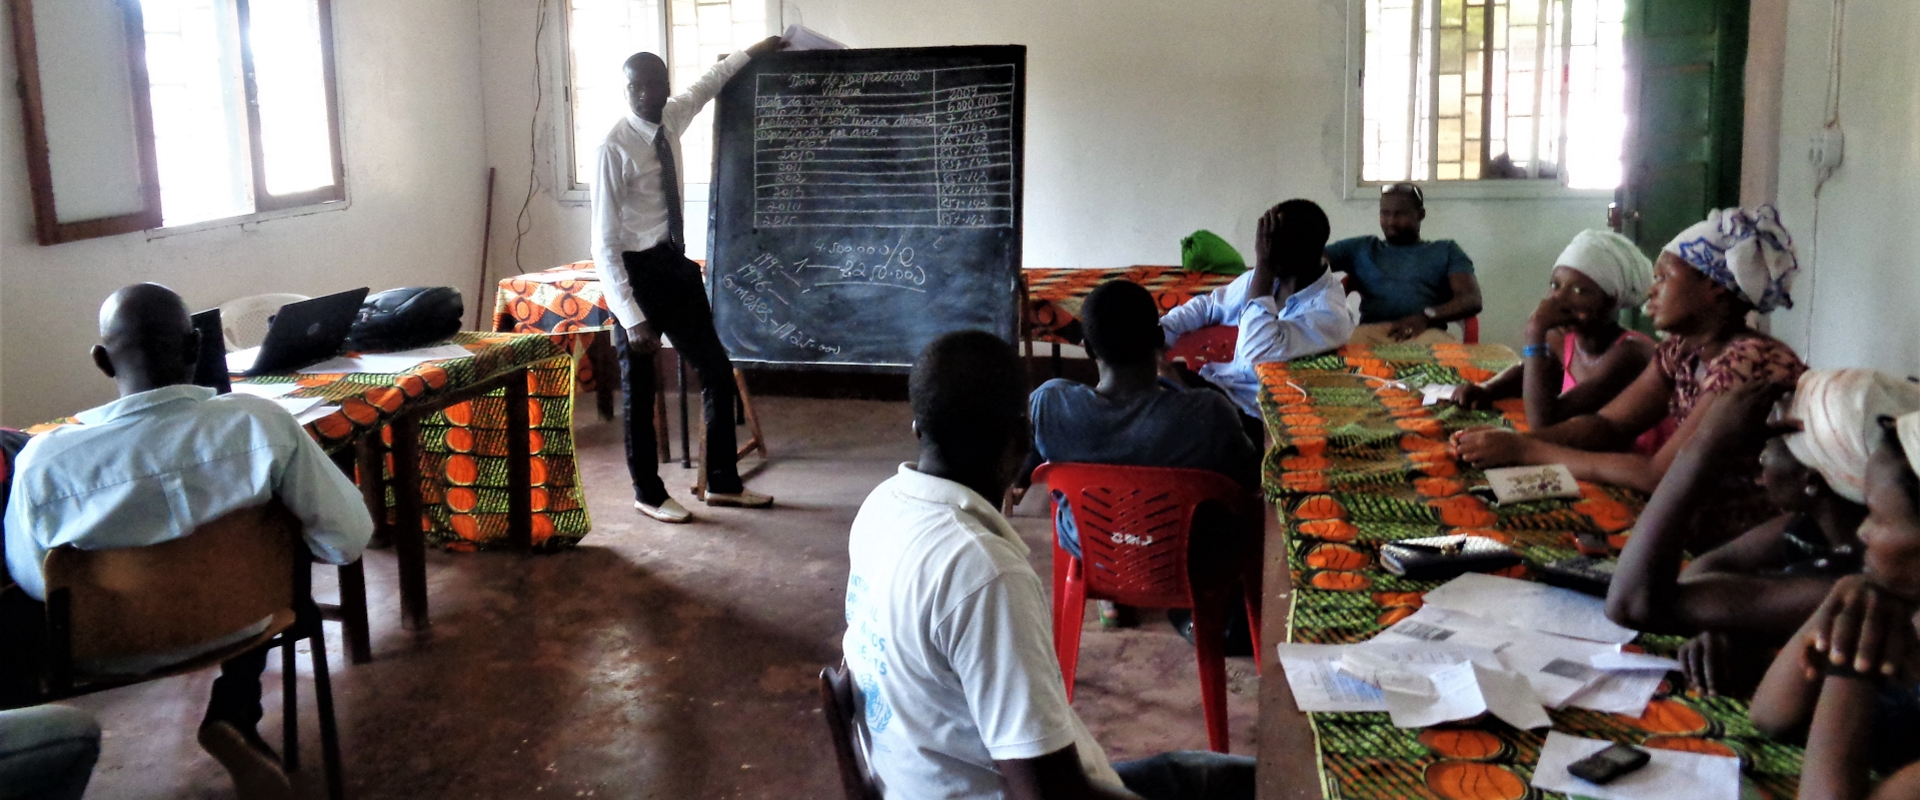 Corsi_Contabilità_Gabu_Guinea Bissau_Mani Tese 2017